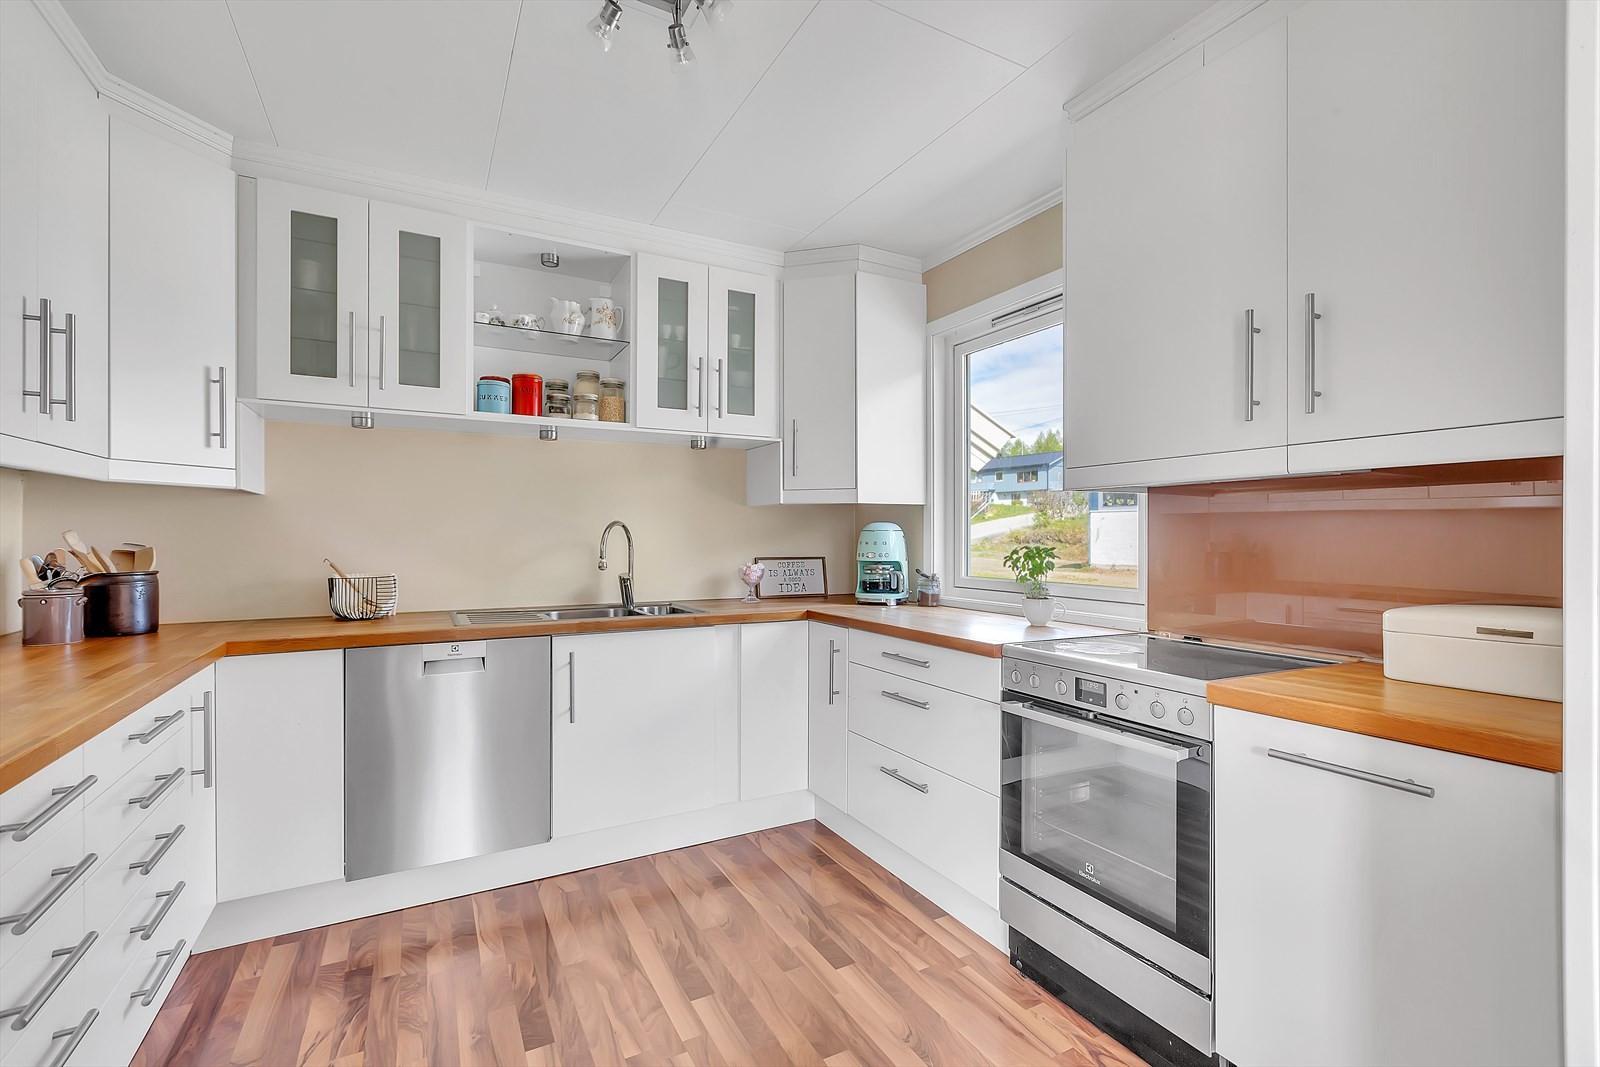 Kjøkkenet er modernisert og fremstår med god kvalitet.